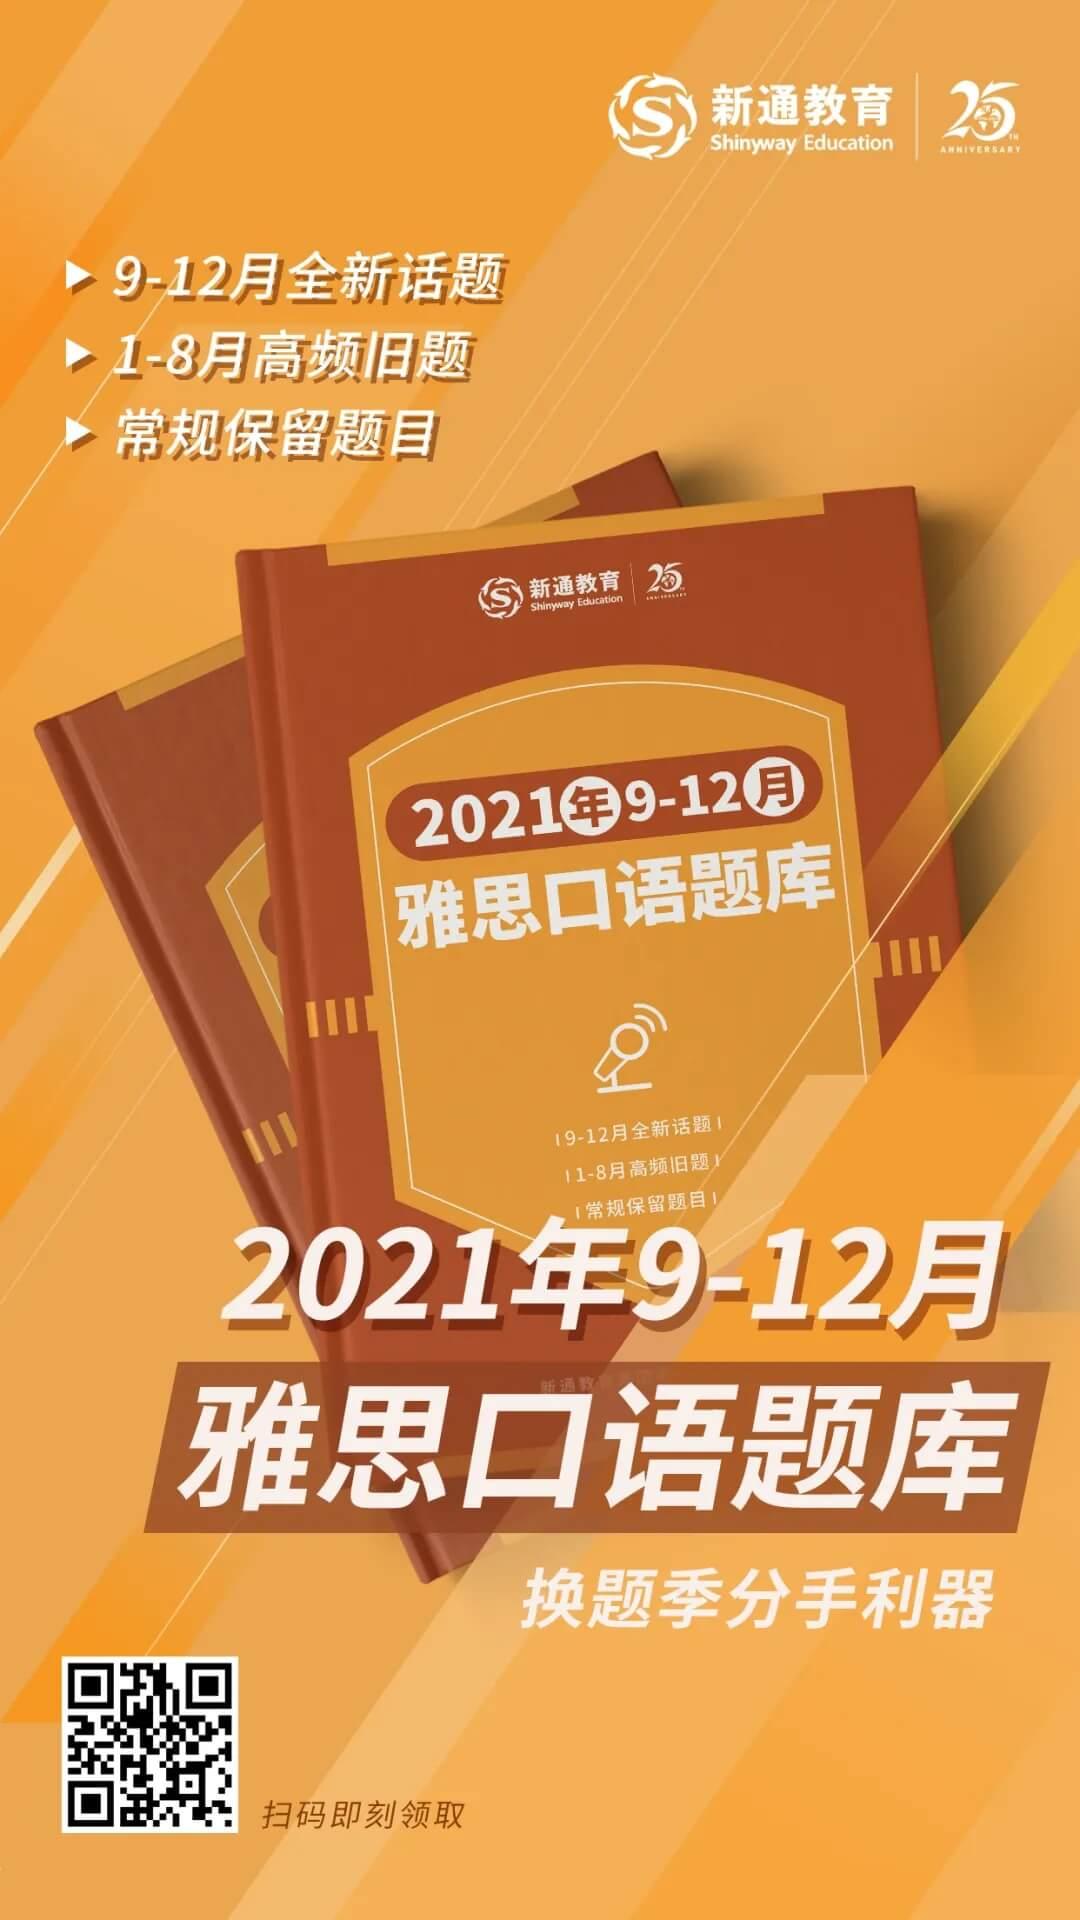 完整版丨2021年9-12月雅思口语题库发布!高清PDF可打印~